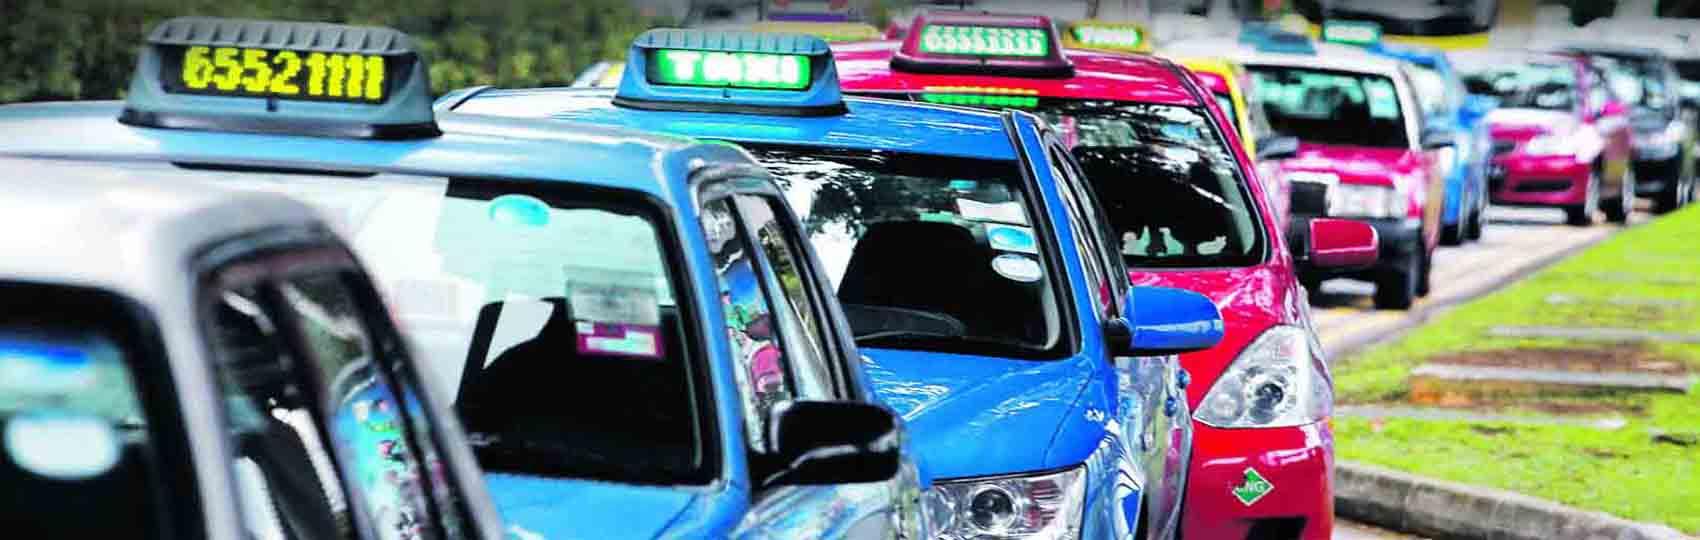 Noticias del sector del taxi y la movilidad en Singapur. Mantente informado de todas las noticias del taxi de Singapur en el grupo de Facebook de Todo Taxi.